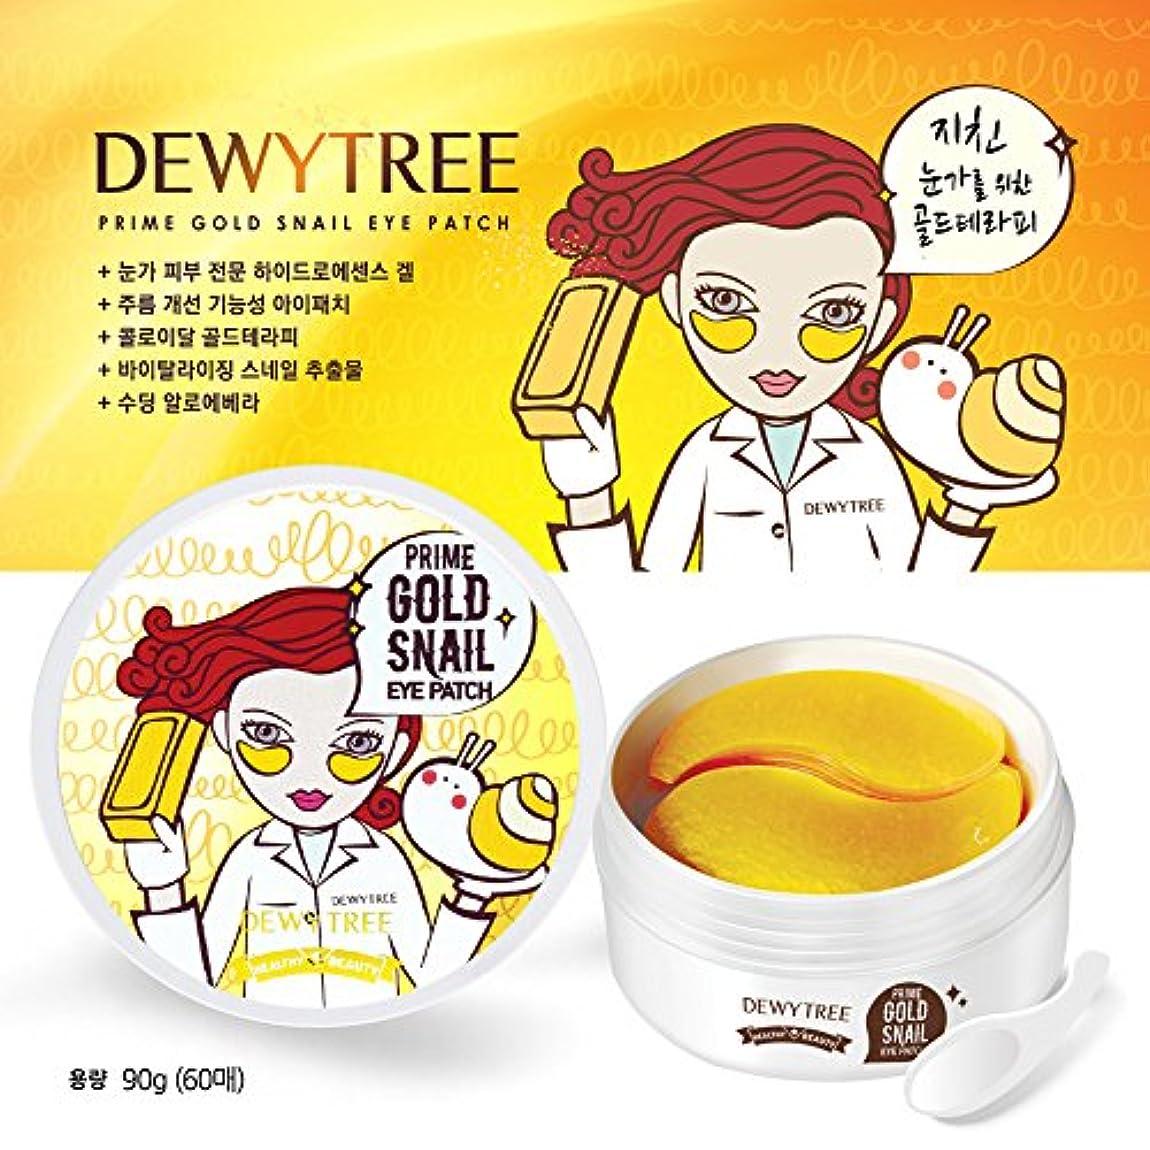 有効性能不毛のDEWYTREE Prime Gold Snail Eye Patch 60ea (PRIME GOLD SNAIL)/デュイツリー プライム ゴールド スネイル アイパッチ 60ea (プライム ゴールド スネイル)